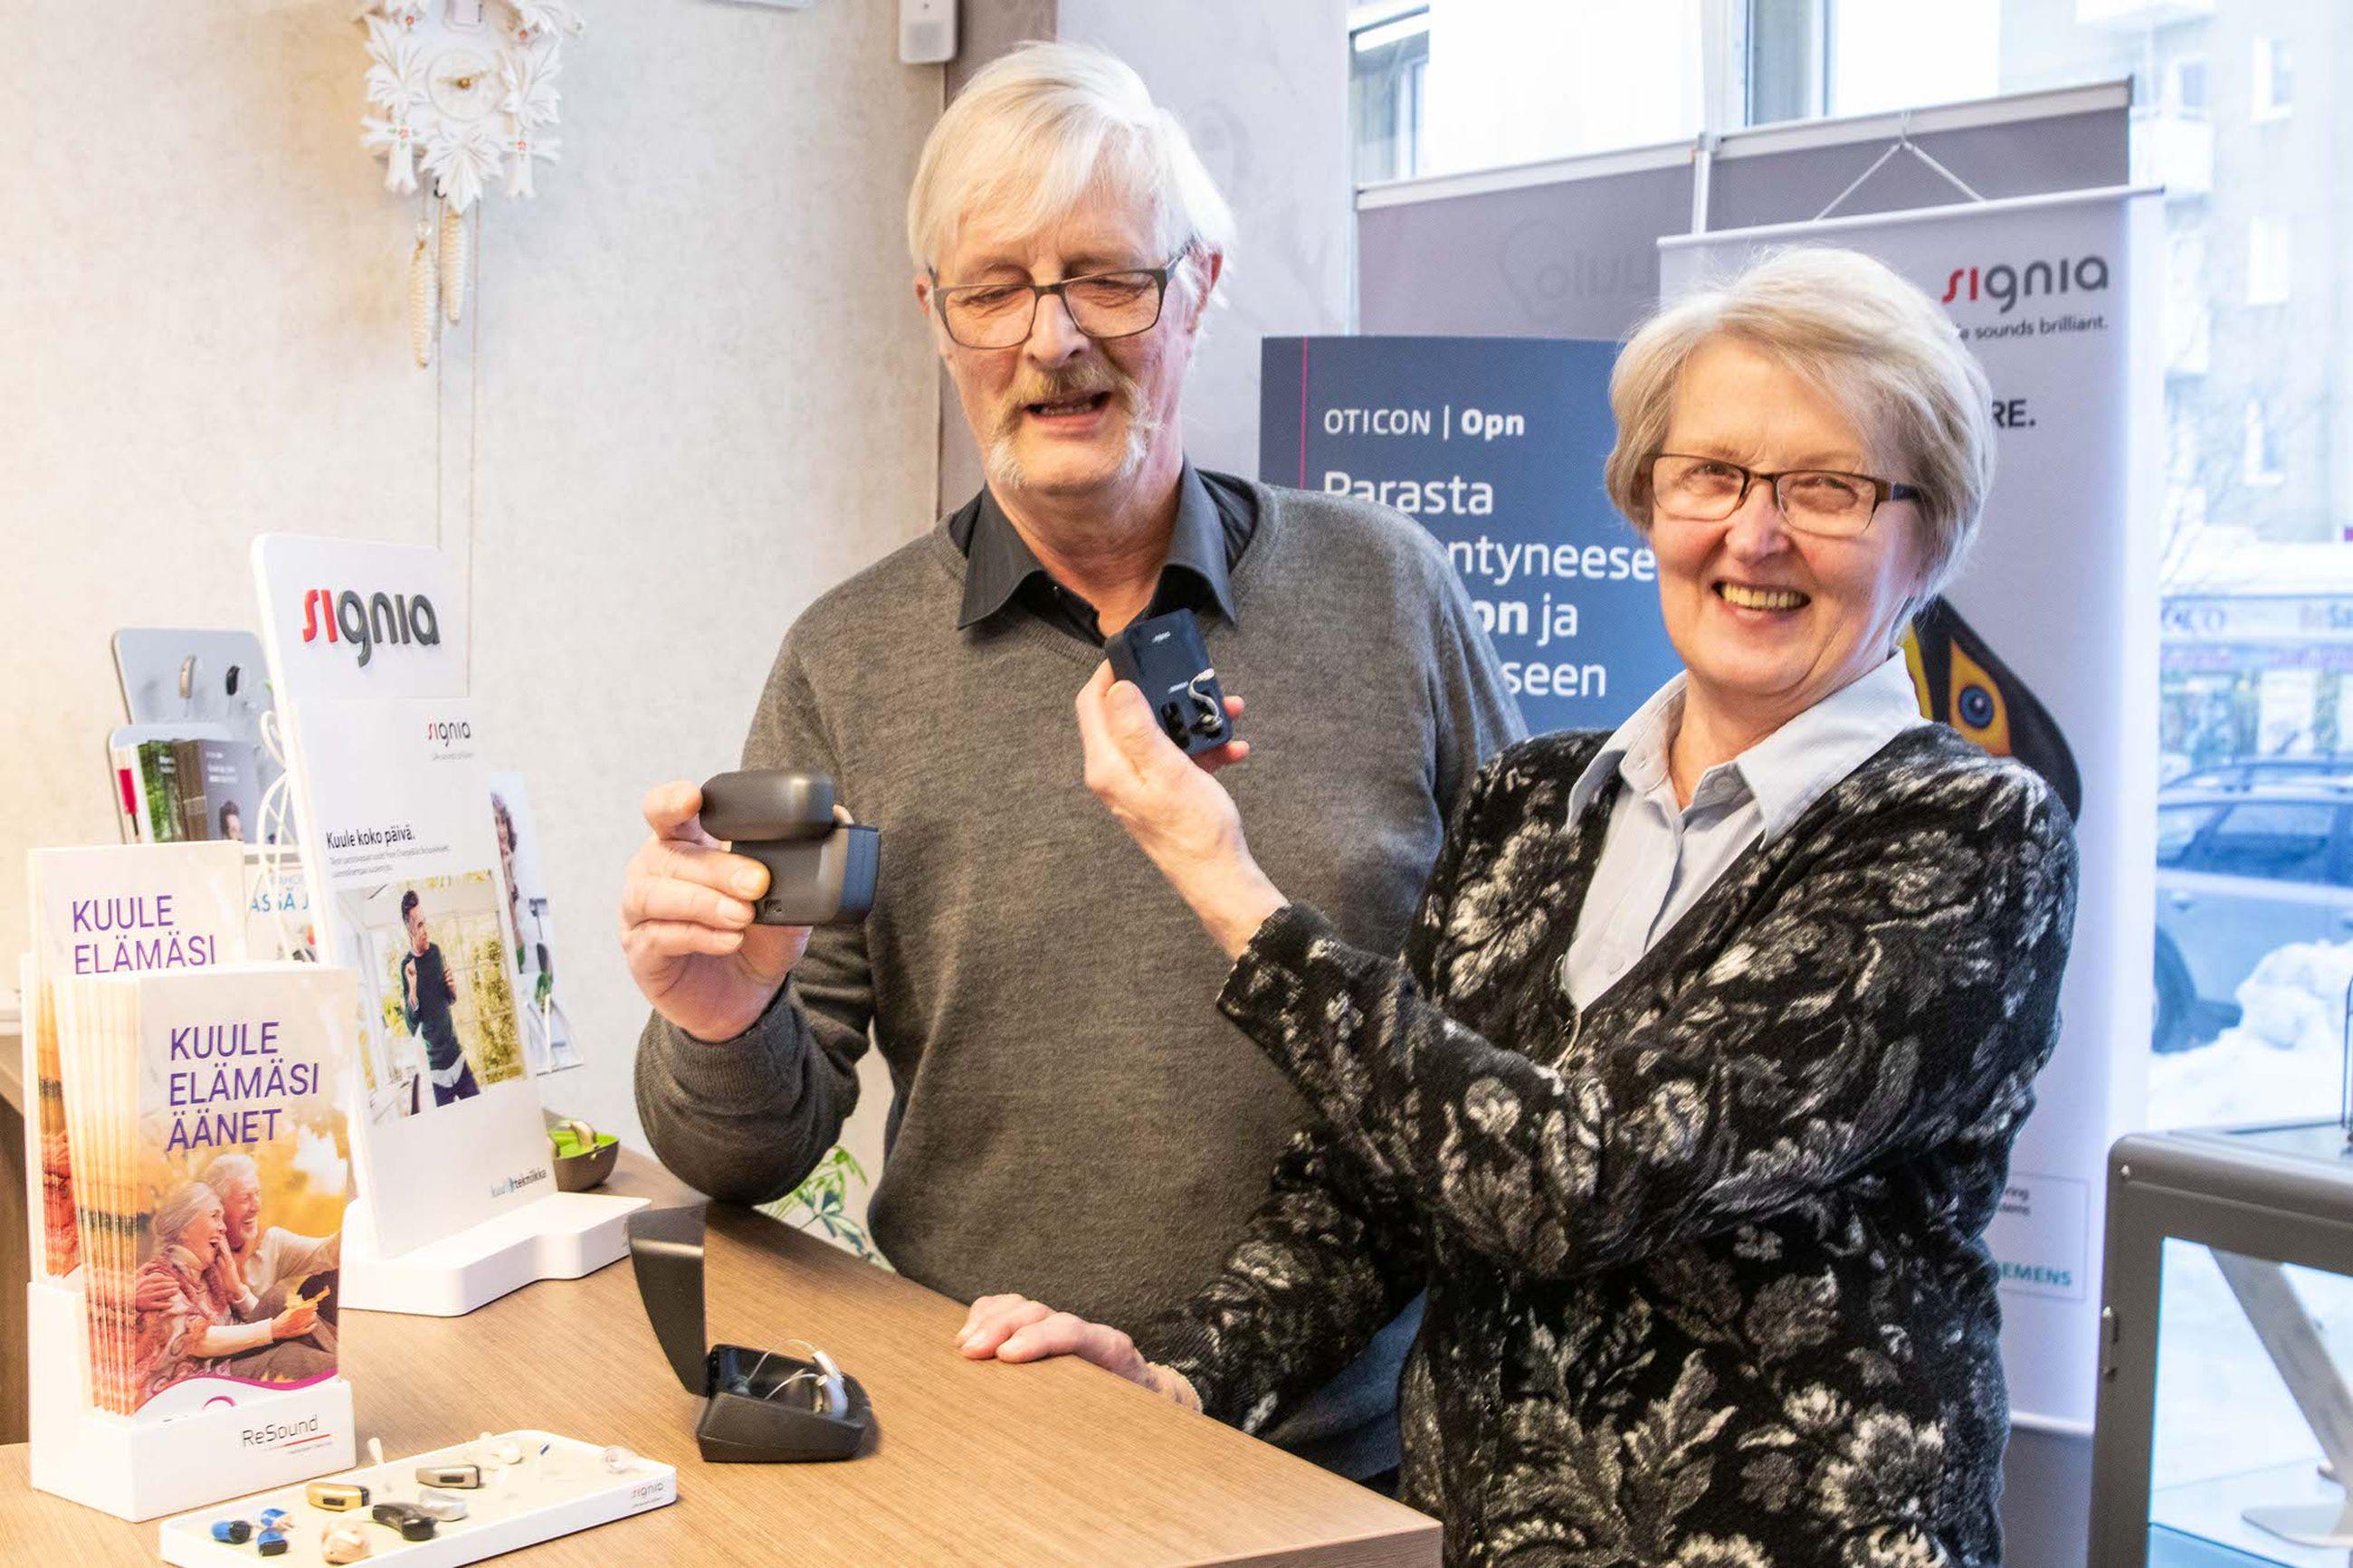 """Toivon Kuulon asiakkaat Risto Piiparinen ja Anja Myllymäki ovat molemmat investoineet uusiin kuulokojeisiin viime vuoden marraskuussa. """"Emme voisi olla yhtään tyytyväisempiä laitteeseen. Elämänlaatu paranee niin paljon. Tämä laitekin on niin pieni, ettei kukaan kiinnitä näihin mitään huomiota."""""""